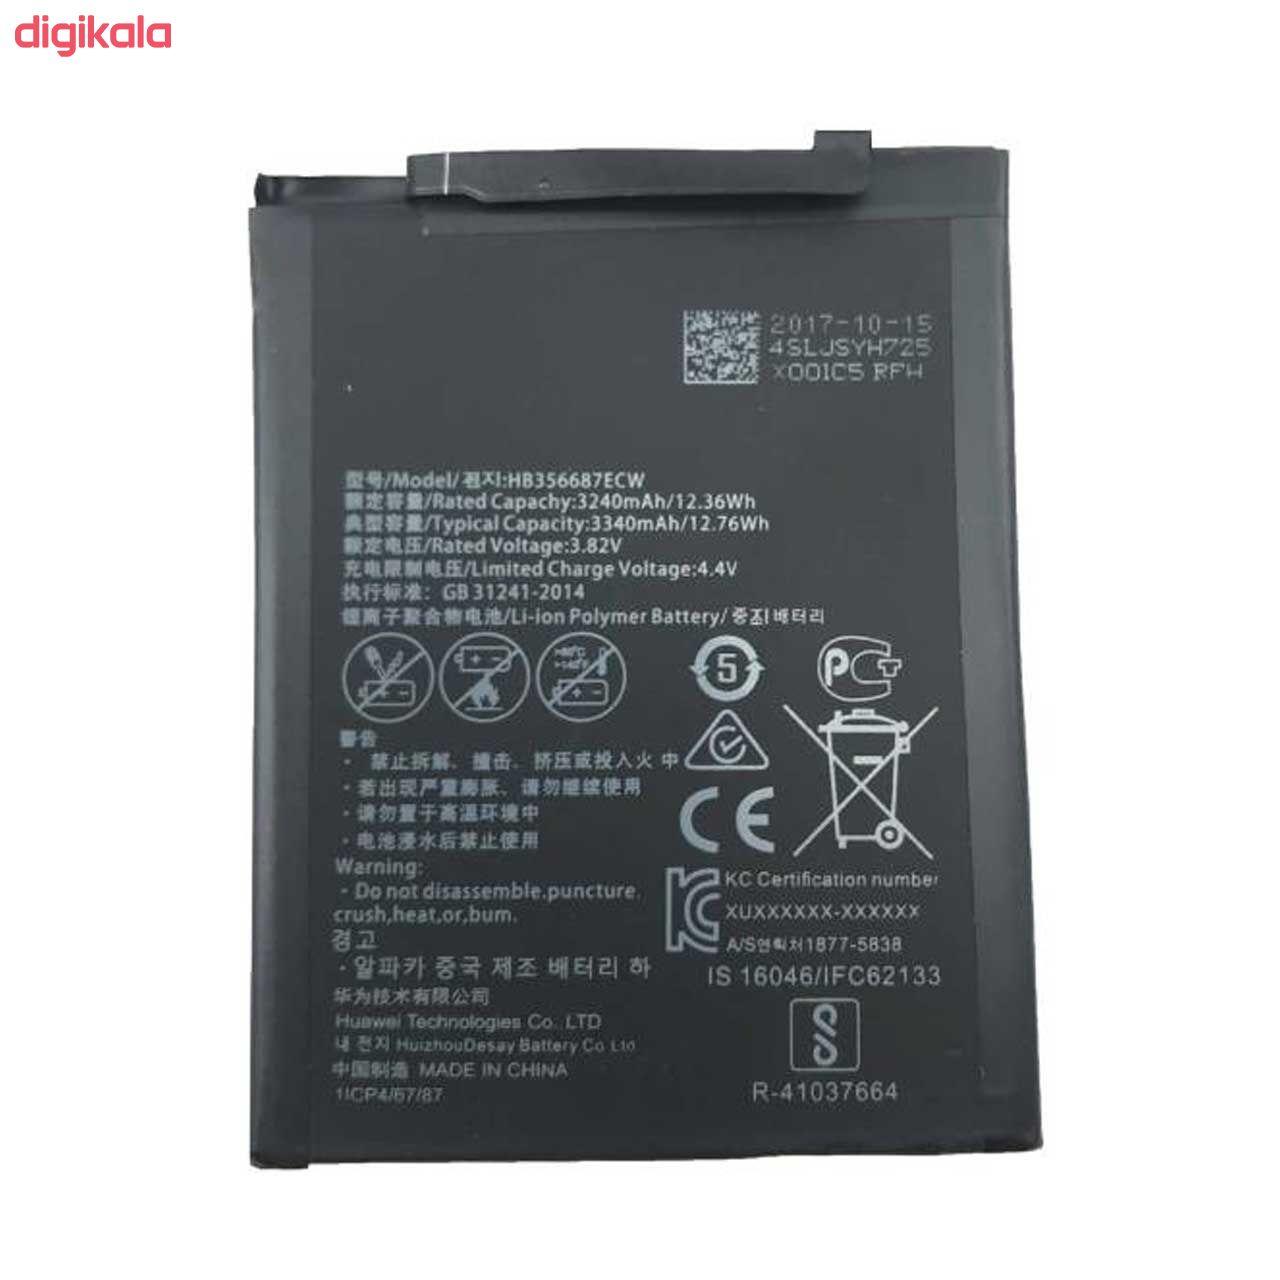 باتری موبایل مدل HB356687ECW ظرفیت 3340 میلی آمپر ساعت مناسب برای گوشی موبایل هوآوی NOVA 3i main 1 1